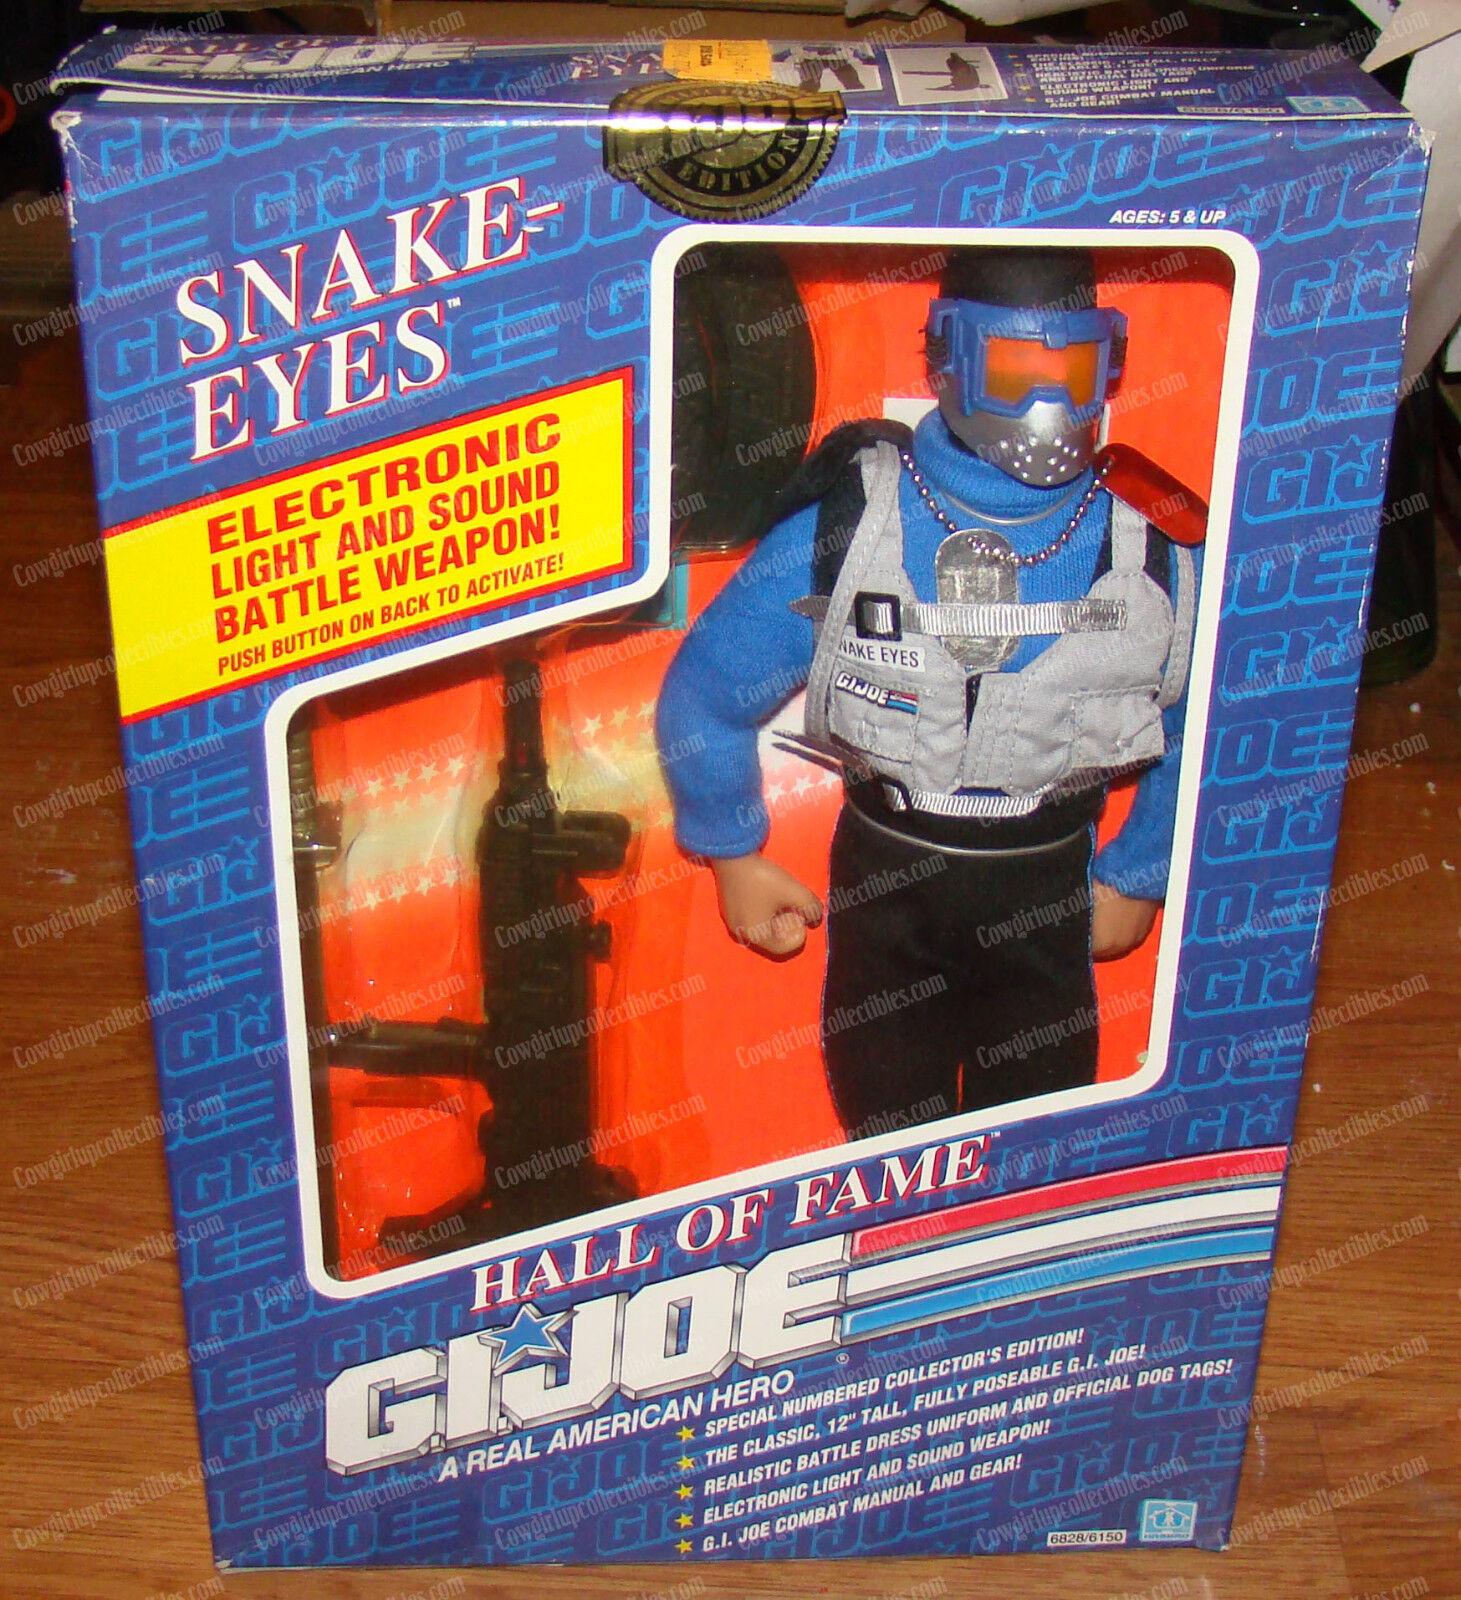 Snake-Eyes (Hall of Fame G.I. Joe by Hasbro, 6828 6150) 1991, Light & Sound